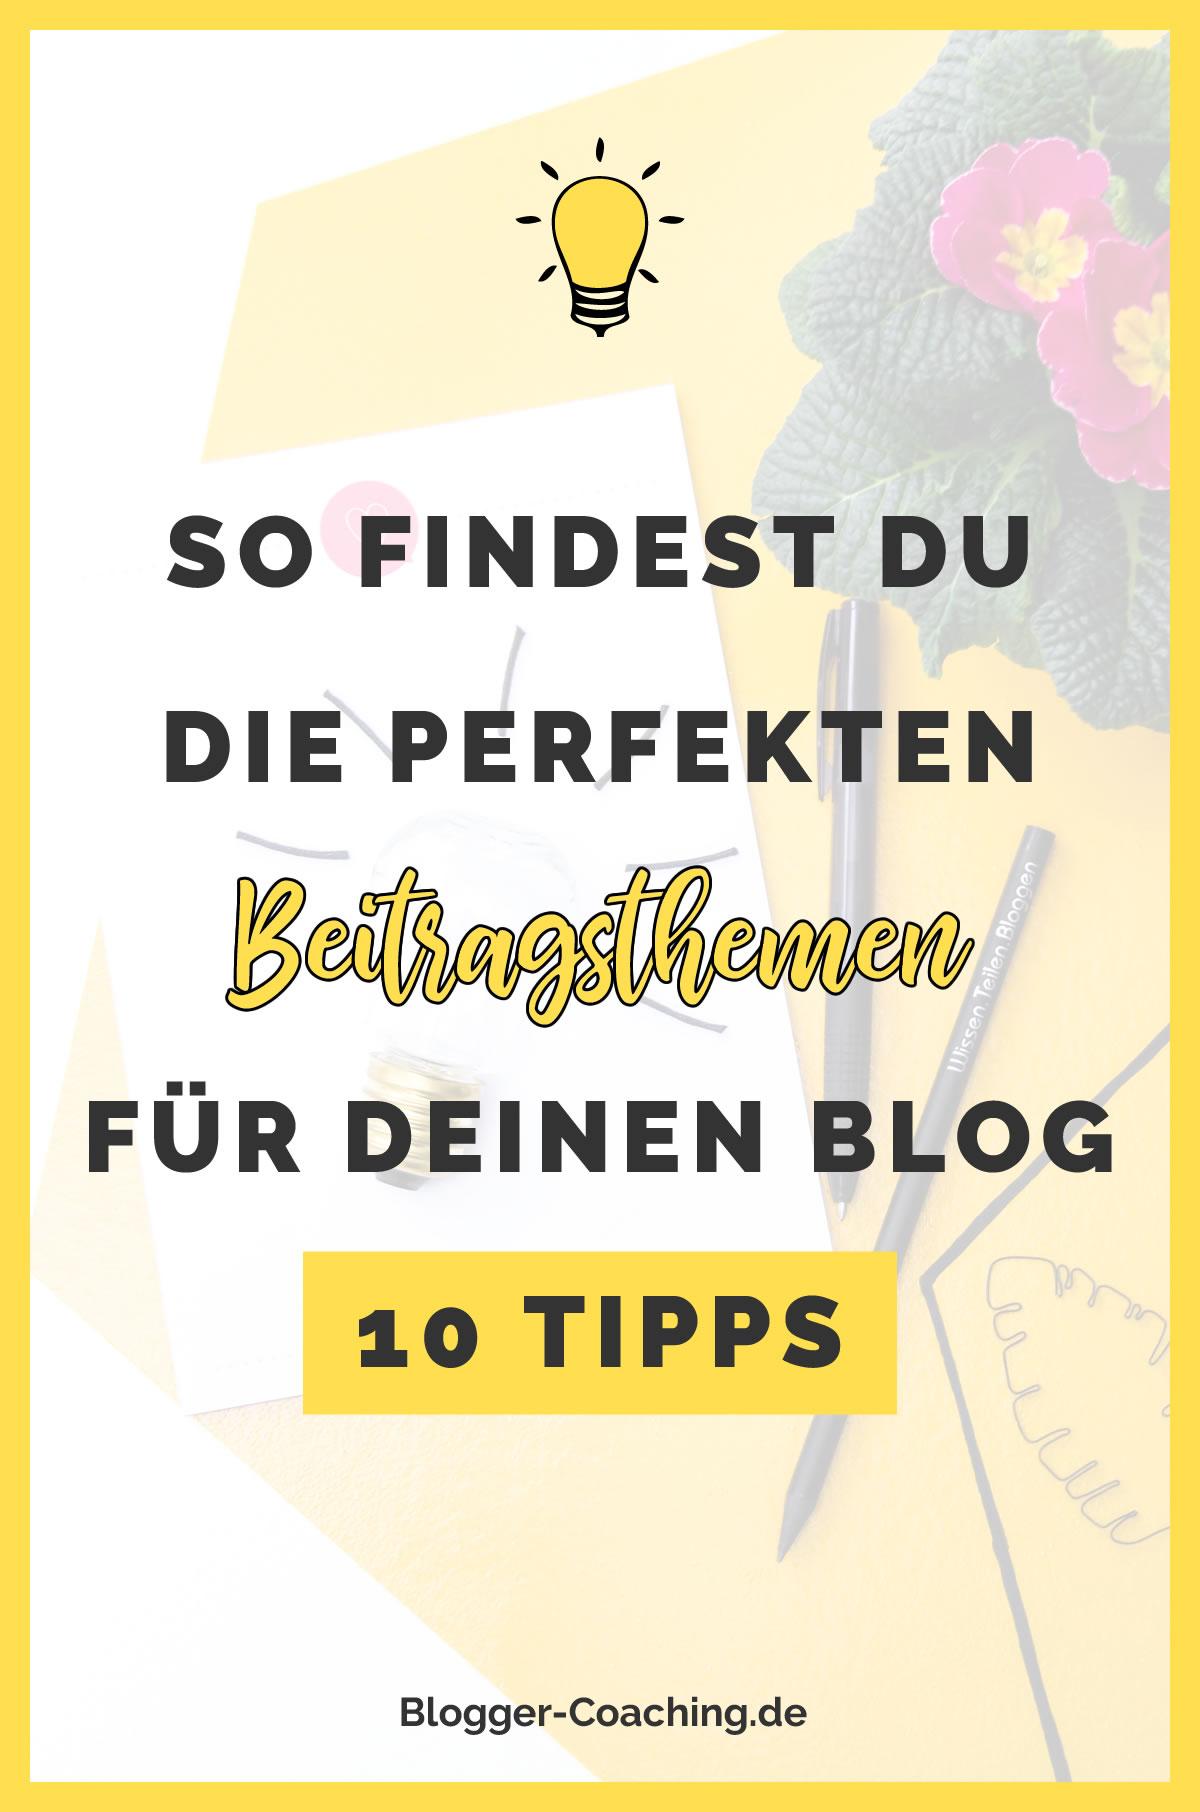 10 Wege, um die perfekten Beitragsthemen für deinen Blog zu finden | Blogger-Coaching.de - Dein Weg zum Blog-Erfolg #blogger #erfolg